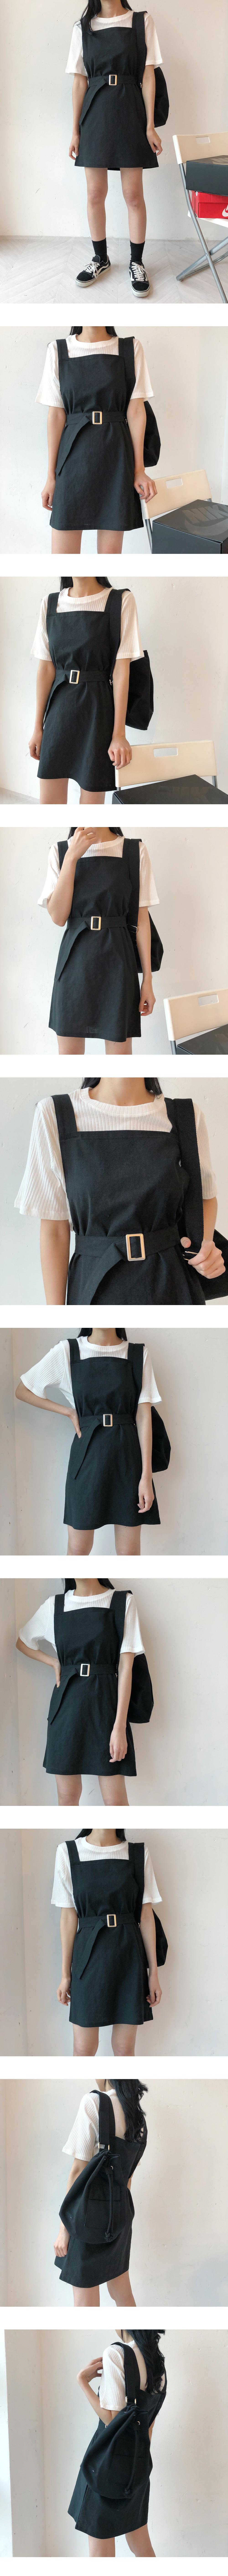 Ending suspenders dress